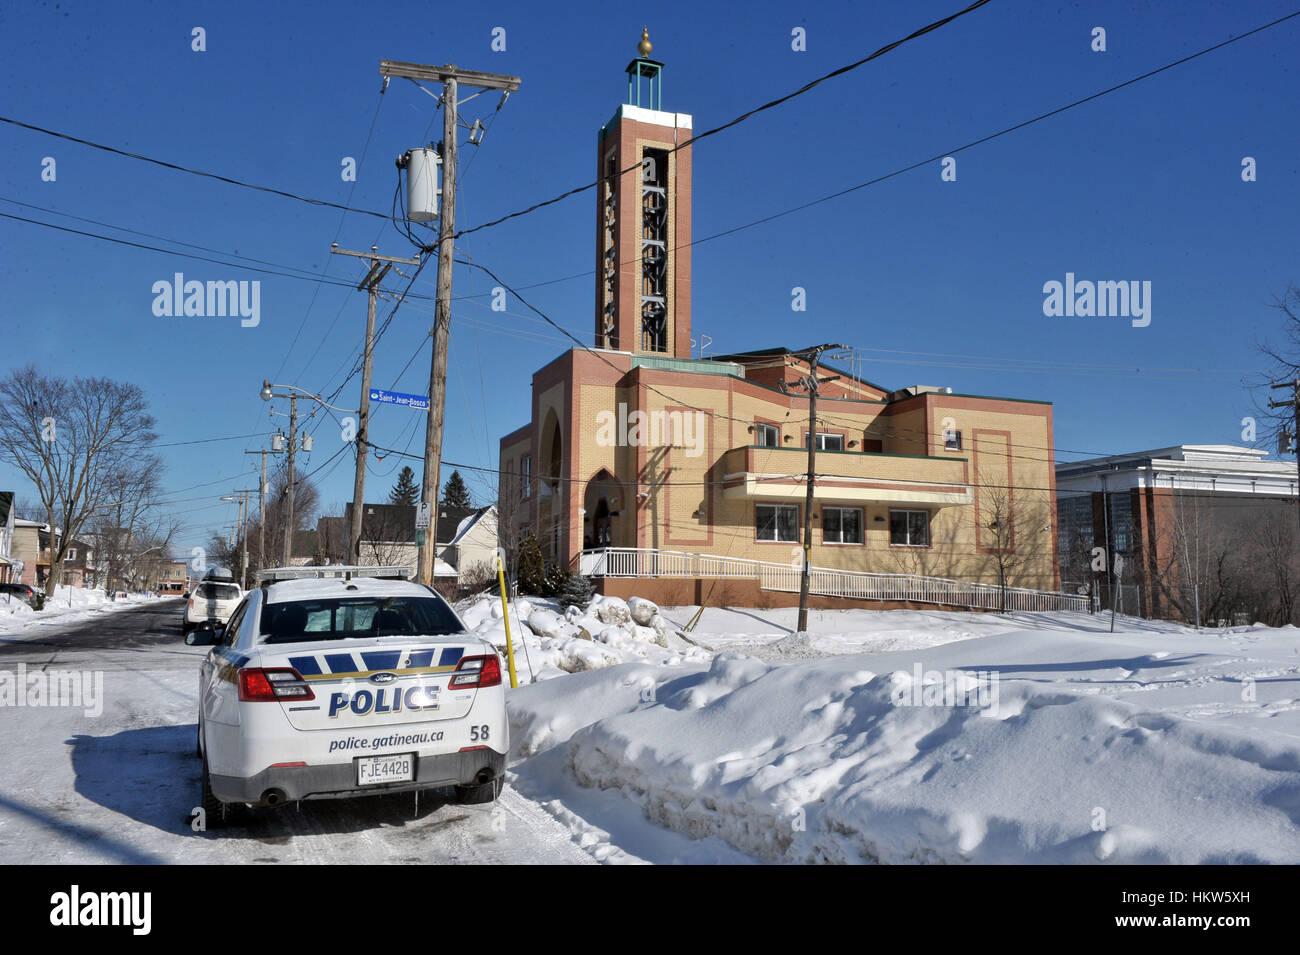 Gatineau, Canadá. 29 ene, 2017. Un policía Gatineau cruiser es aparcado fuera del Outaouais Centro islámico Imagen De Stock